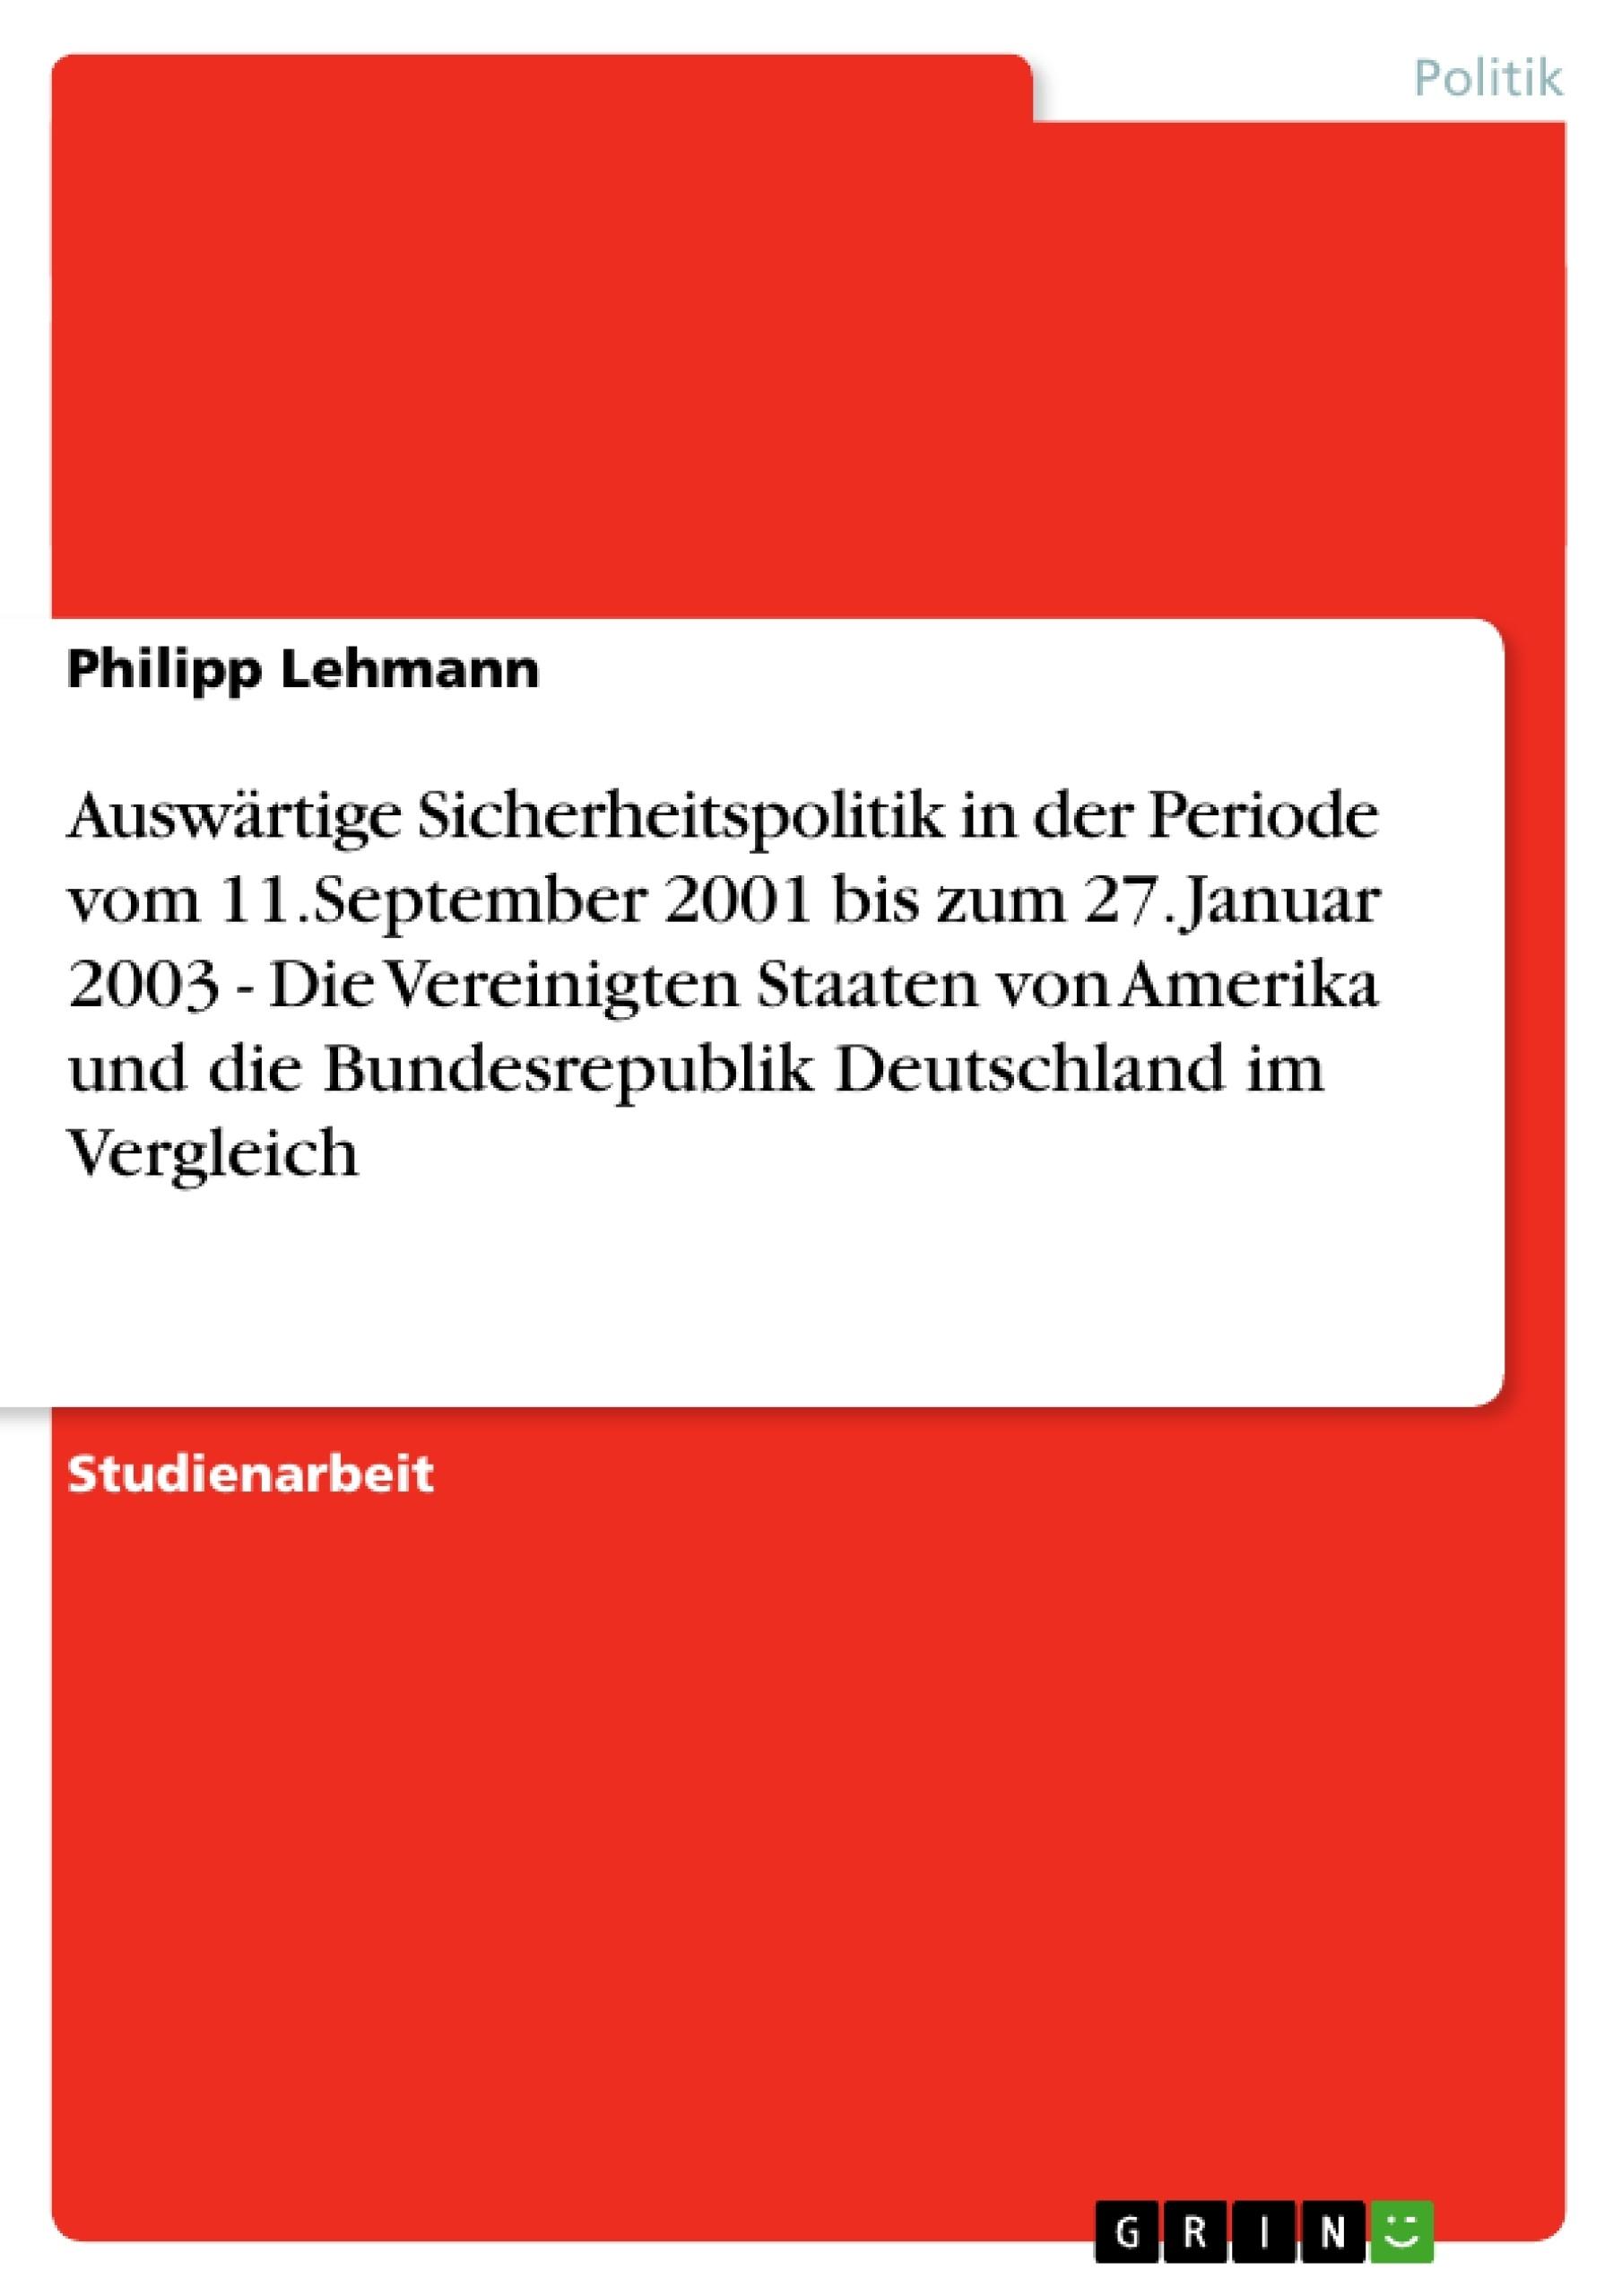 Titel: Auswärtige Sicherheitspolitik in der Periode vom 11.September 2001 bis zum 27. Januar 2003 - Die Vereinigten Staaten von Amerika und die Bundesrepublik Deutschland im Vergleich